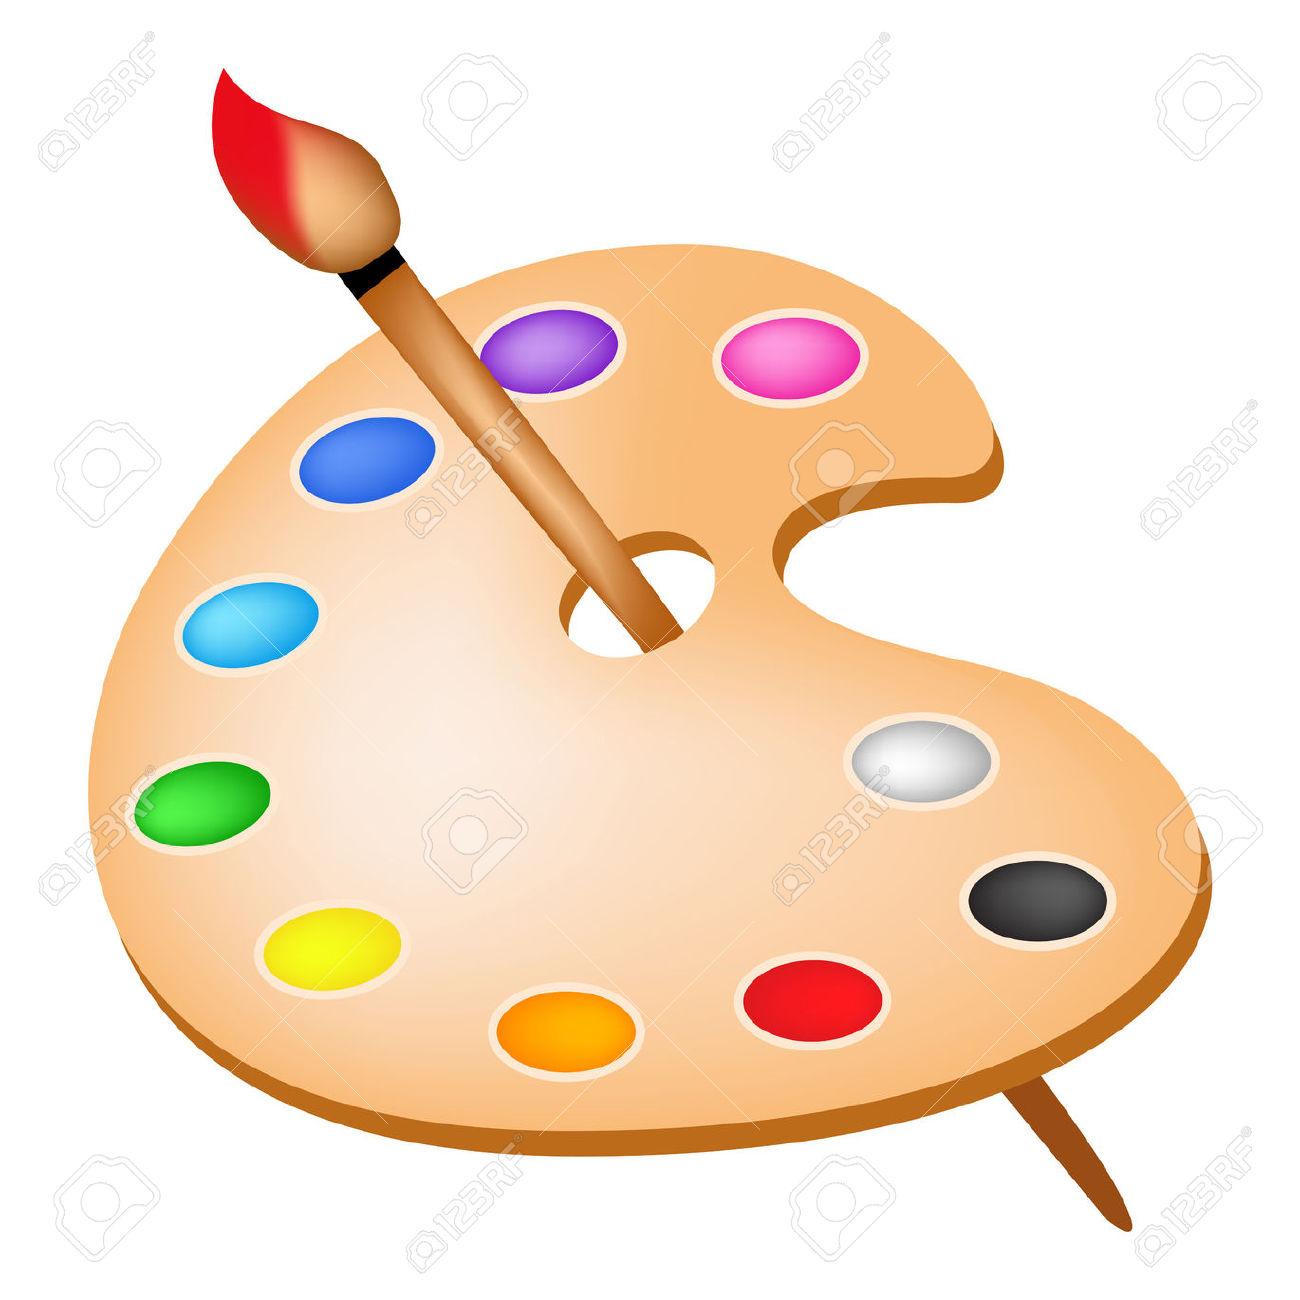 Farben clipart - Clipground